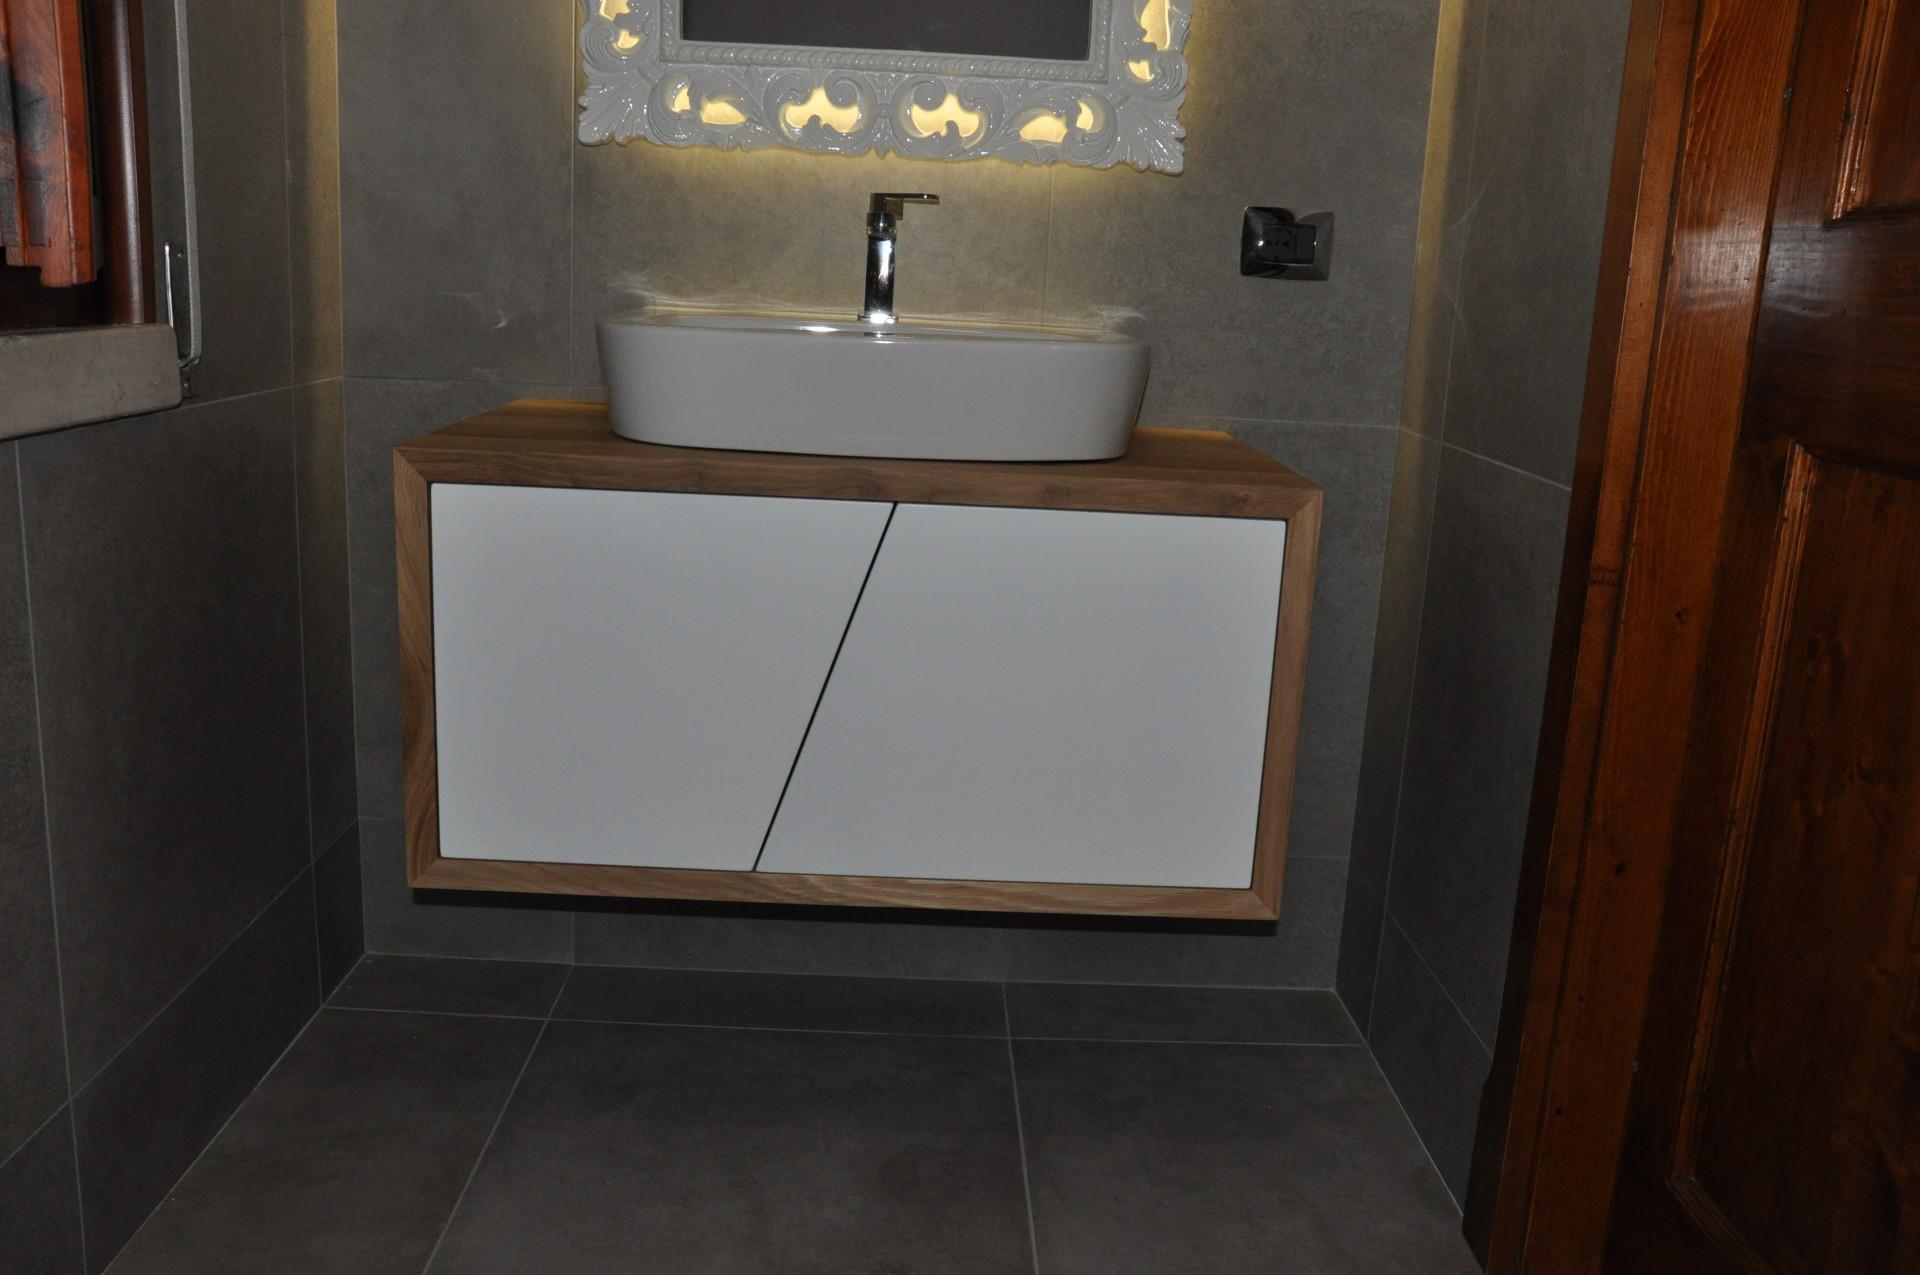 Mobile per il bagno in rovere fadini mobili cerea verona - Prodotti per il bagno ...